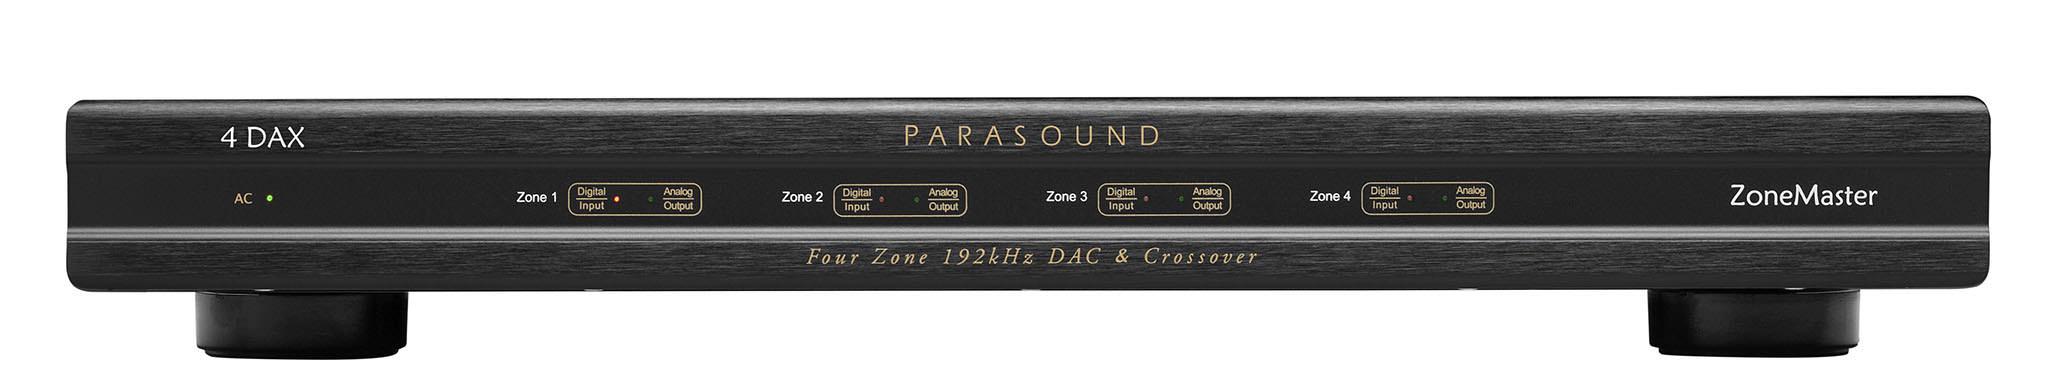 Parasound ZoneMaster 4 DAX Front